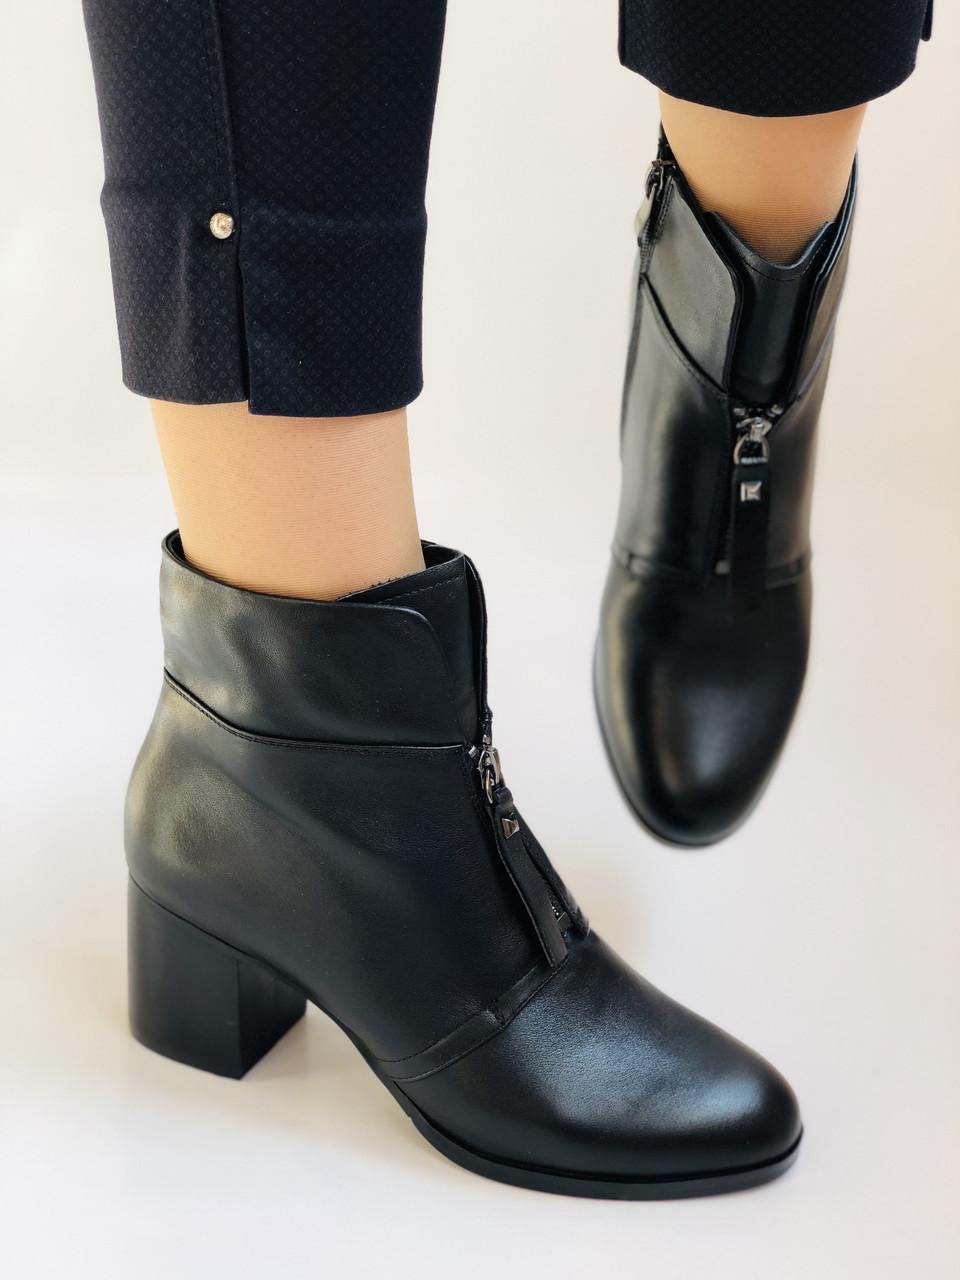 Качество! Женские осенне-весенние ботинки на среднем каблуке. Натуральная кожа. Р. 34-40 Visttaly